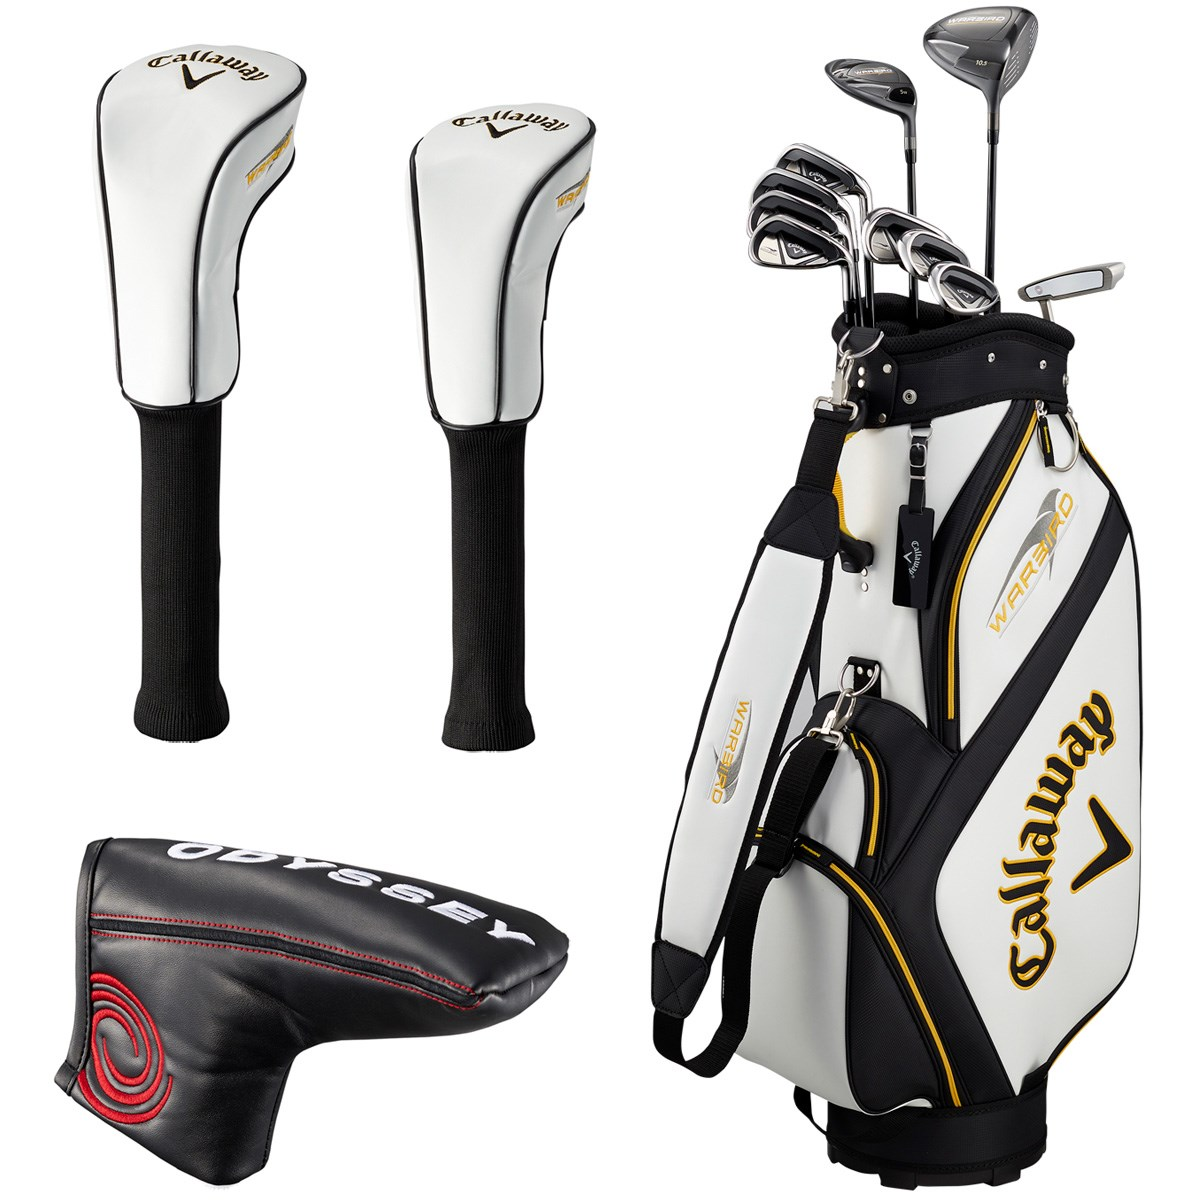 キャロウェイゴルフ(Callaway Golf) ウォーバード クラブセット(10本セット) カーボン